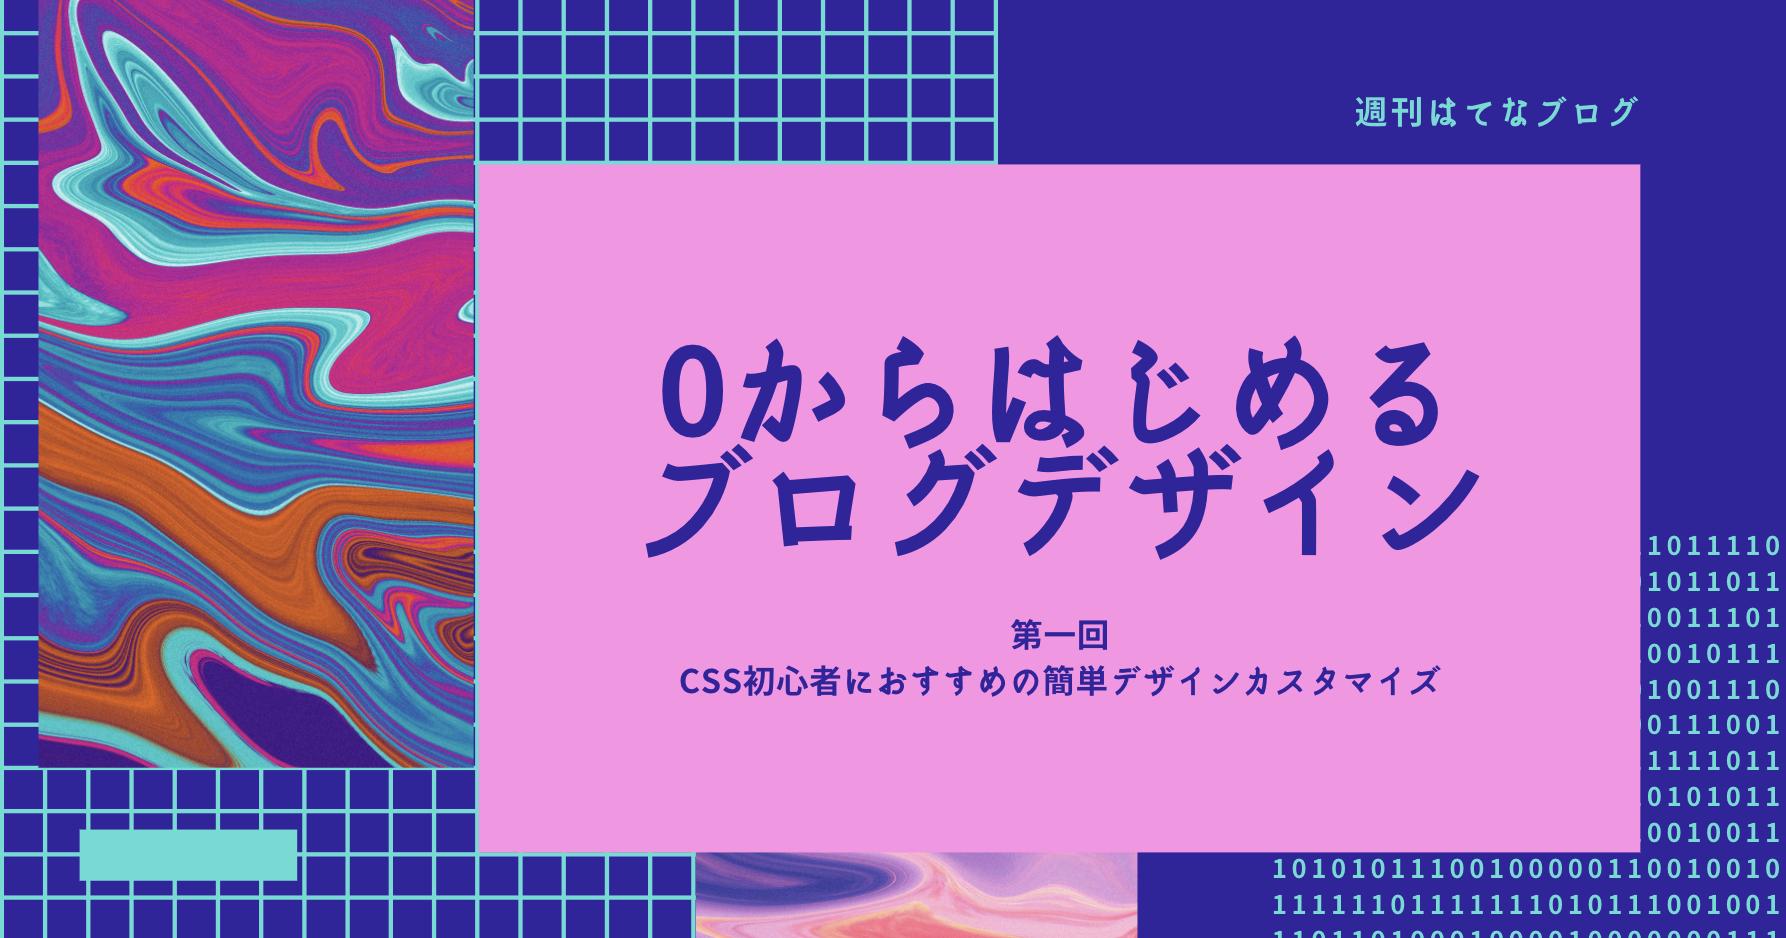 0からはじめるブログデザイン